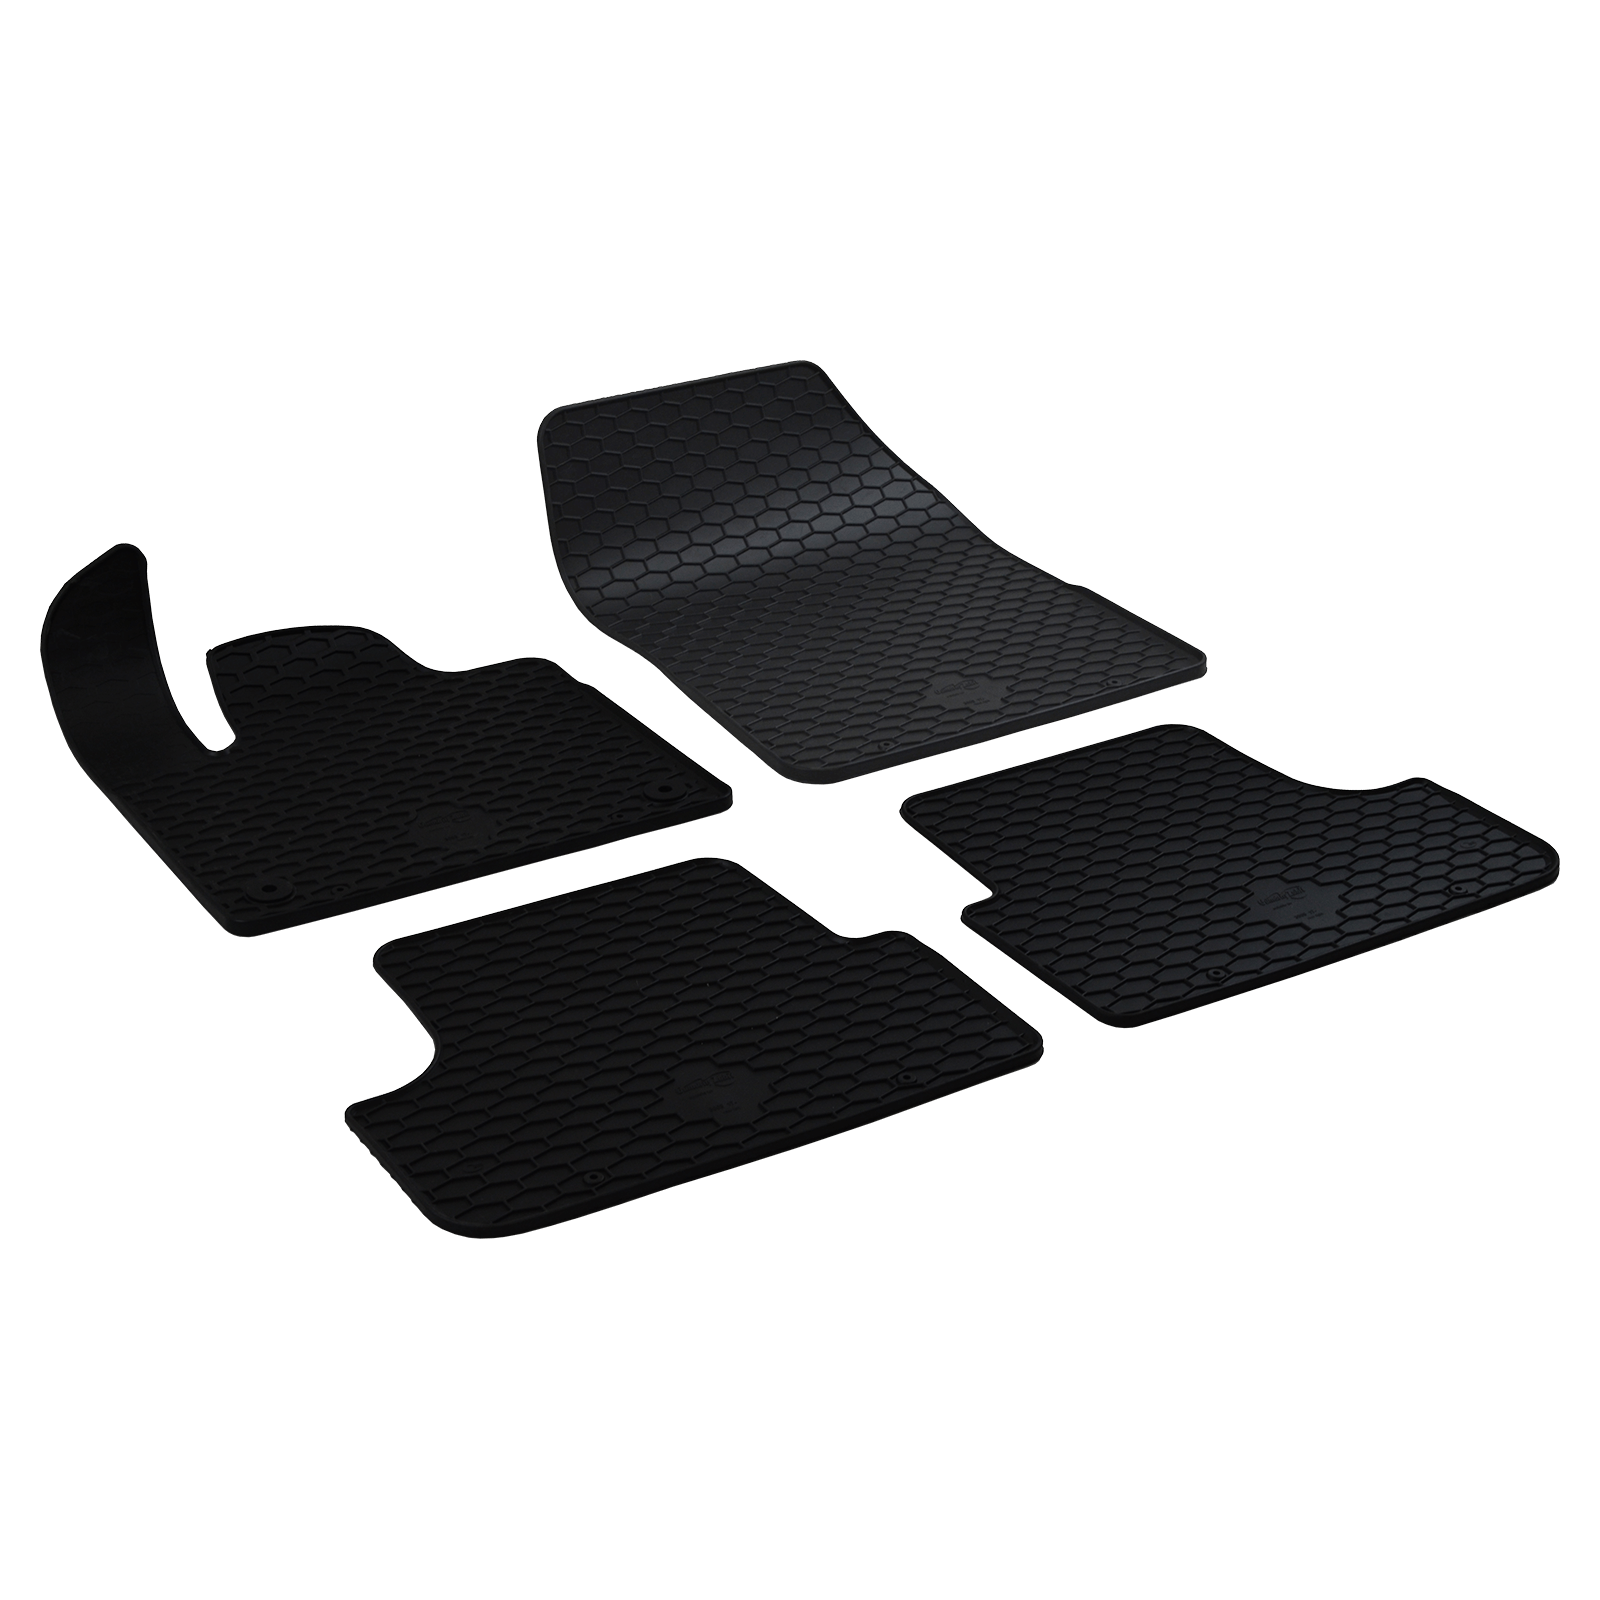 tapis de sol en caoutchouc noir pour peugeot 3008 suv bj. Black Bedroom Furniture Sets. Home Design Ideas